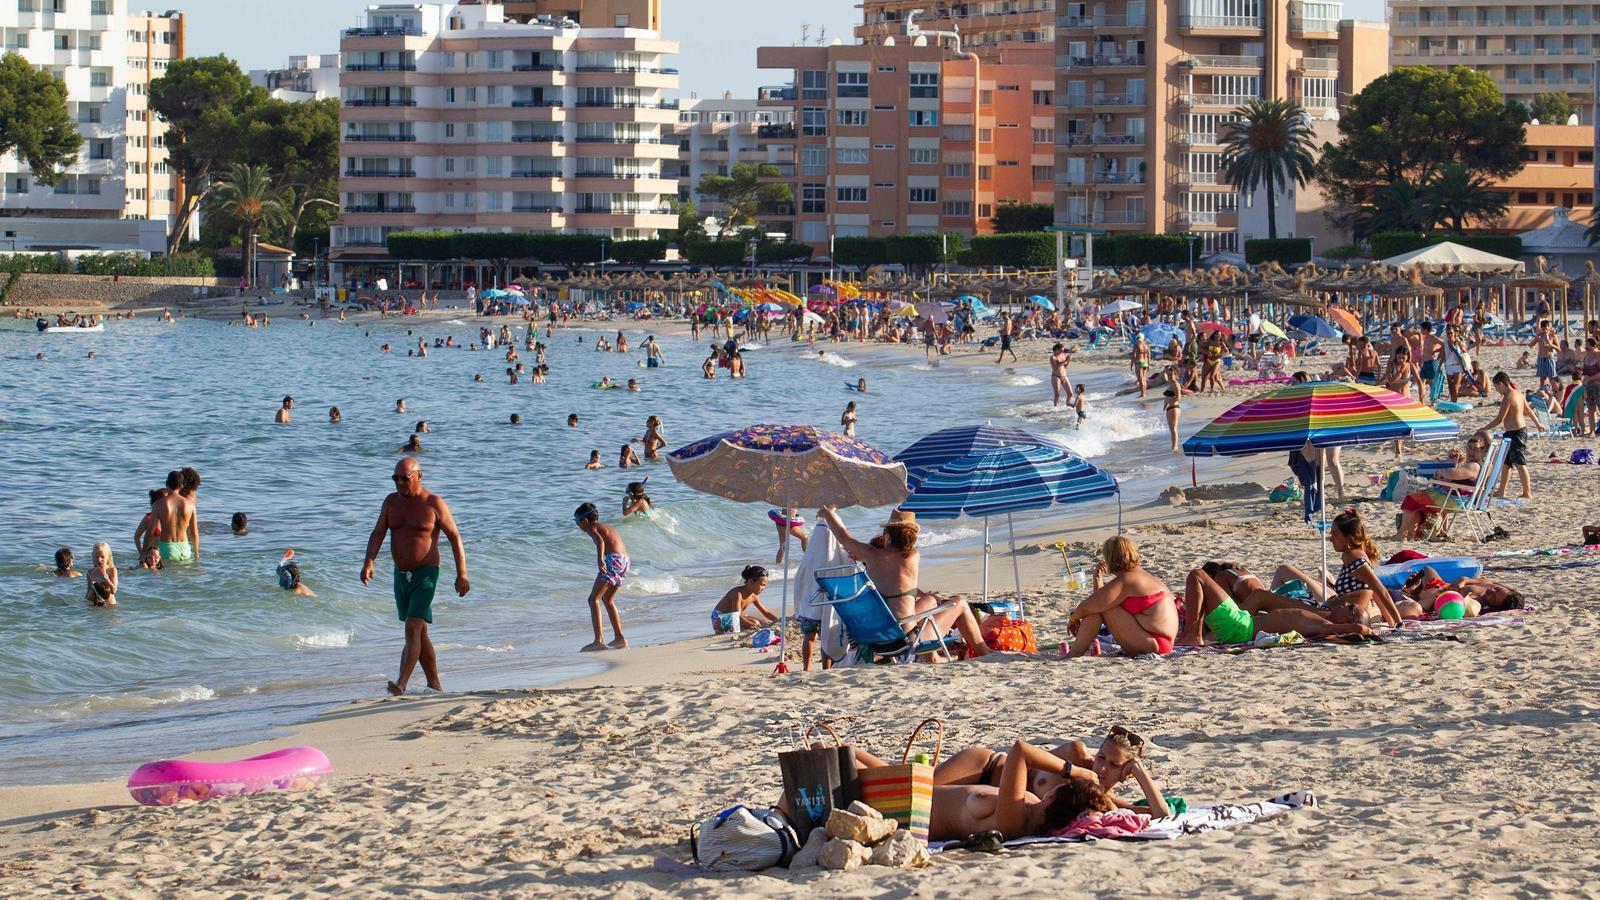 Londres endureix el criteri i ara també desaconsella viatjar a les Balears i les Canàries